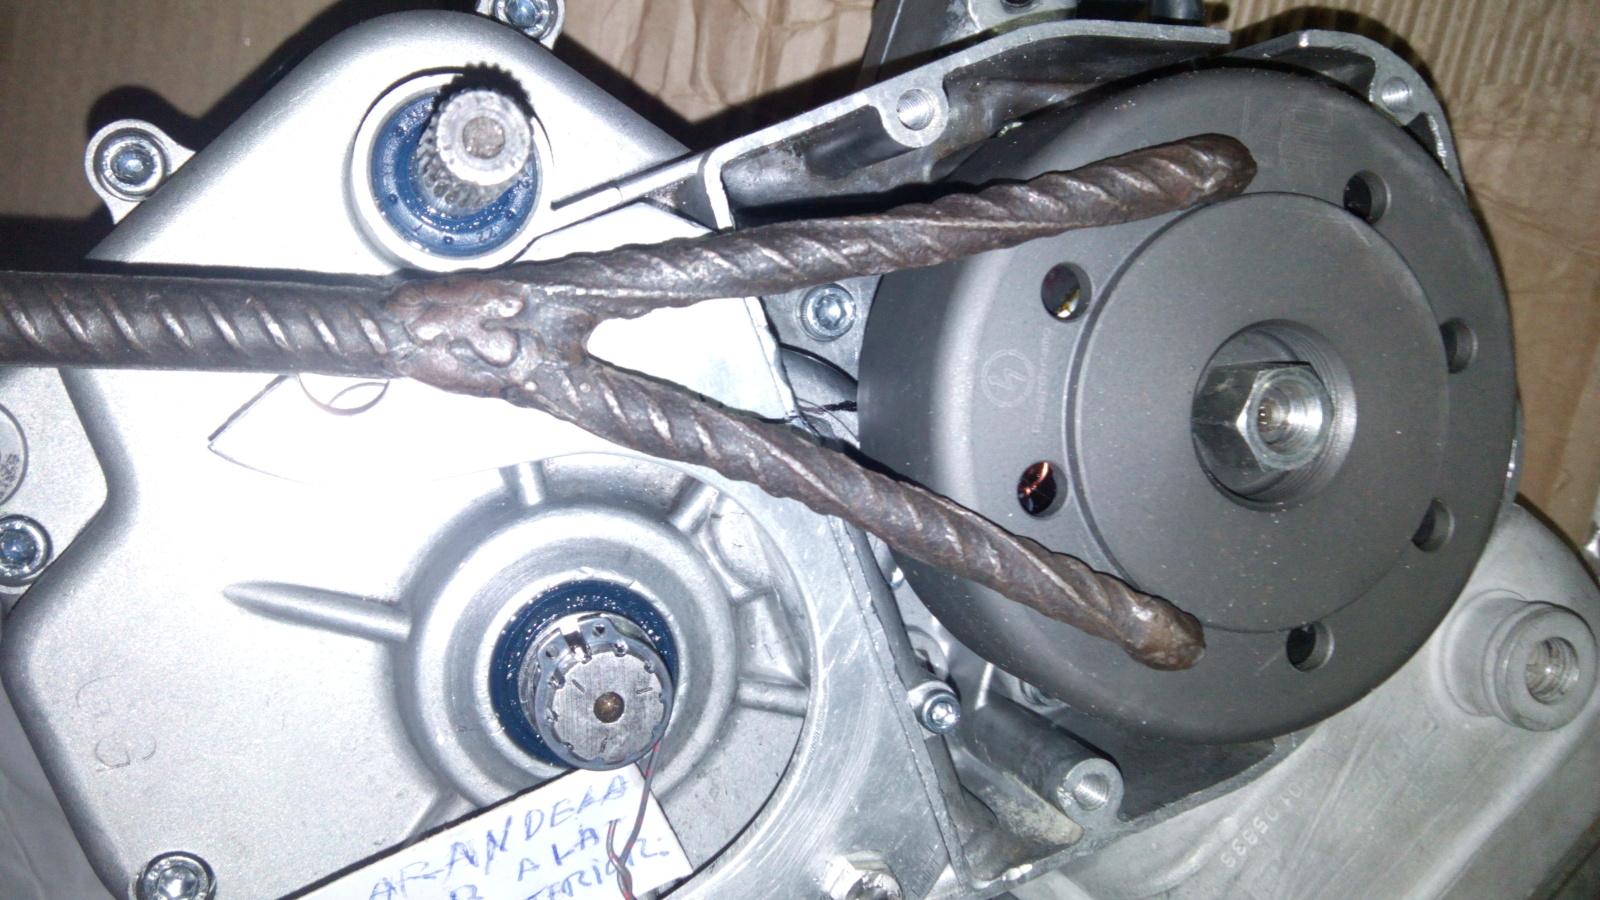 Mejoras en motores P3 P4 RV4 DL P6 K6... - Página 6 21an22t